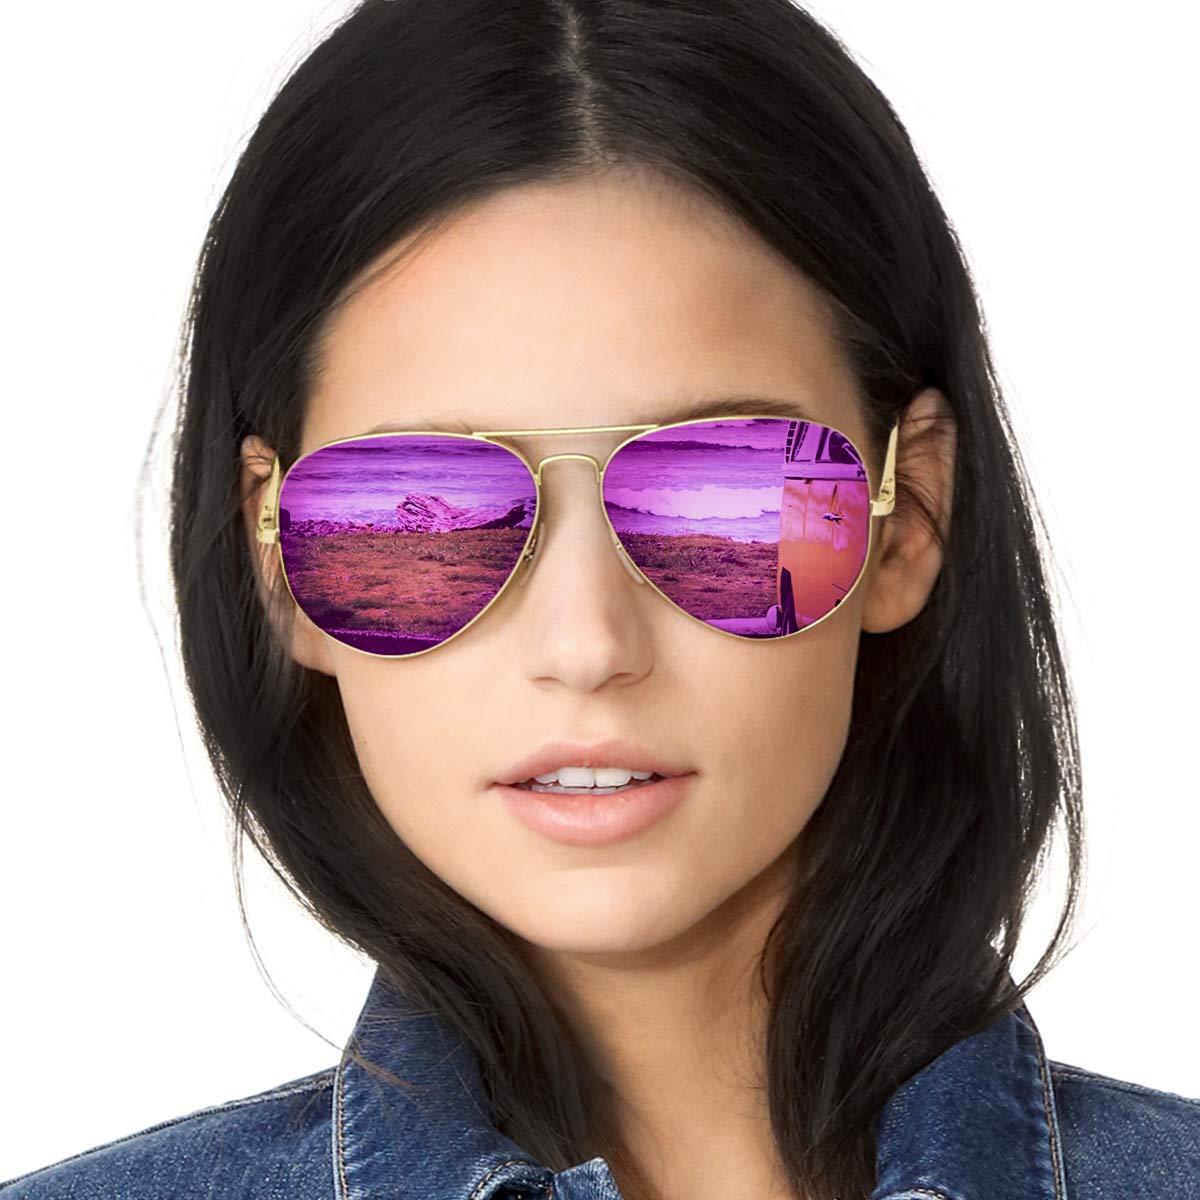 Pilotenbrille Damen Verspiegelt Sonnenbrille Polarisiert Metallrahmen 100% UVA/UVB Schutz